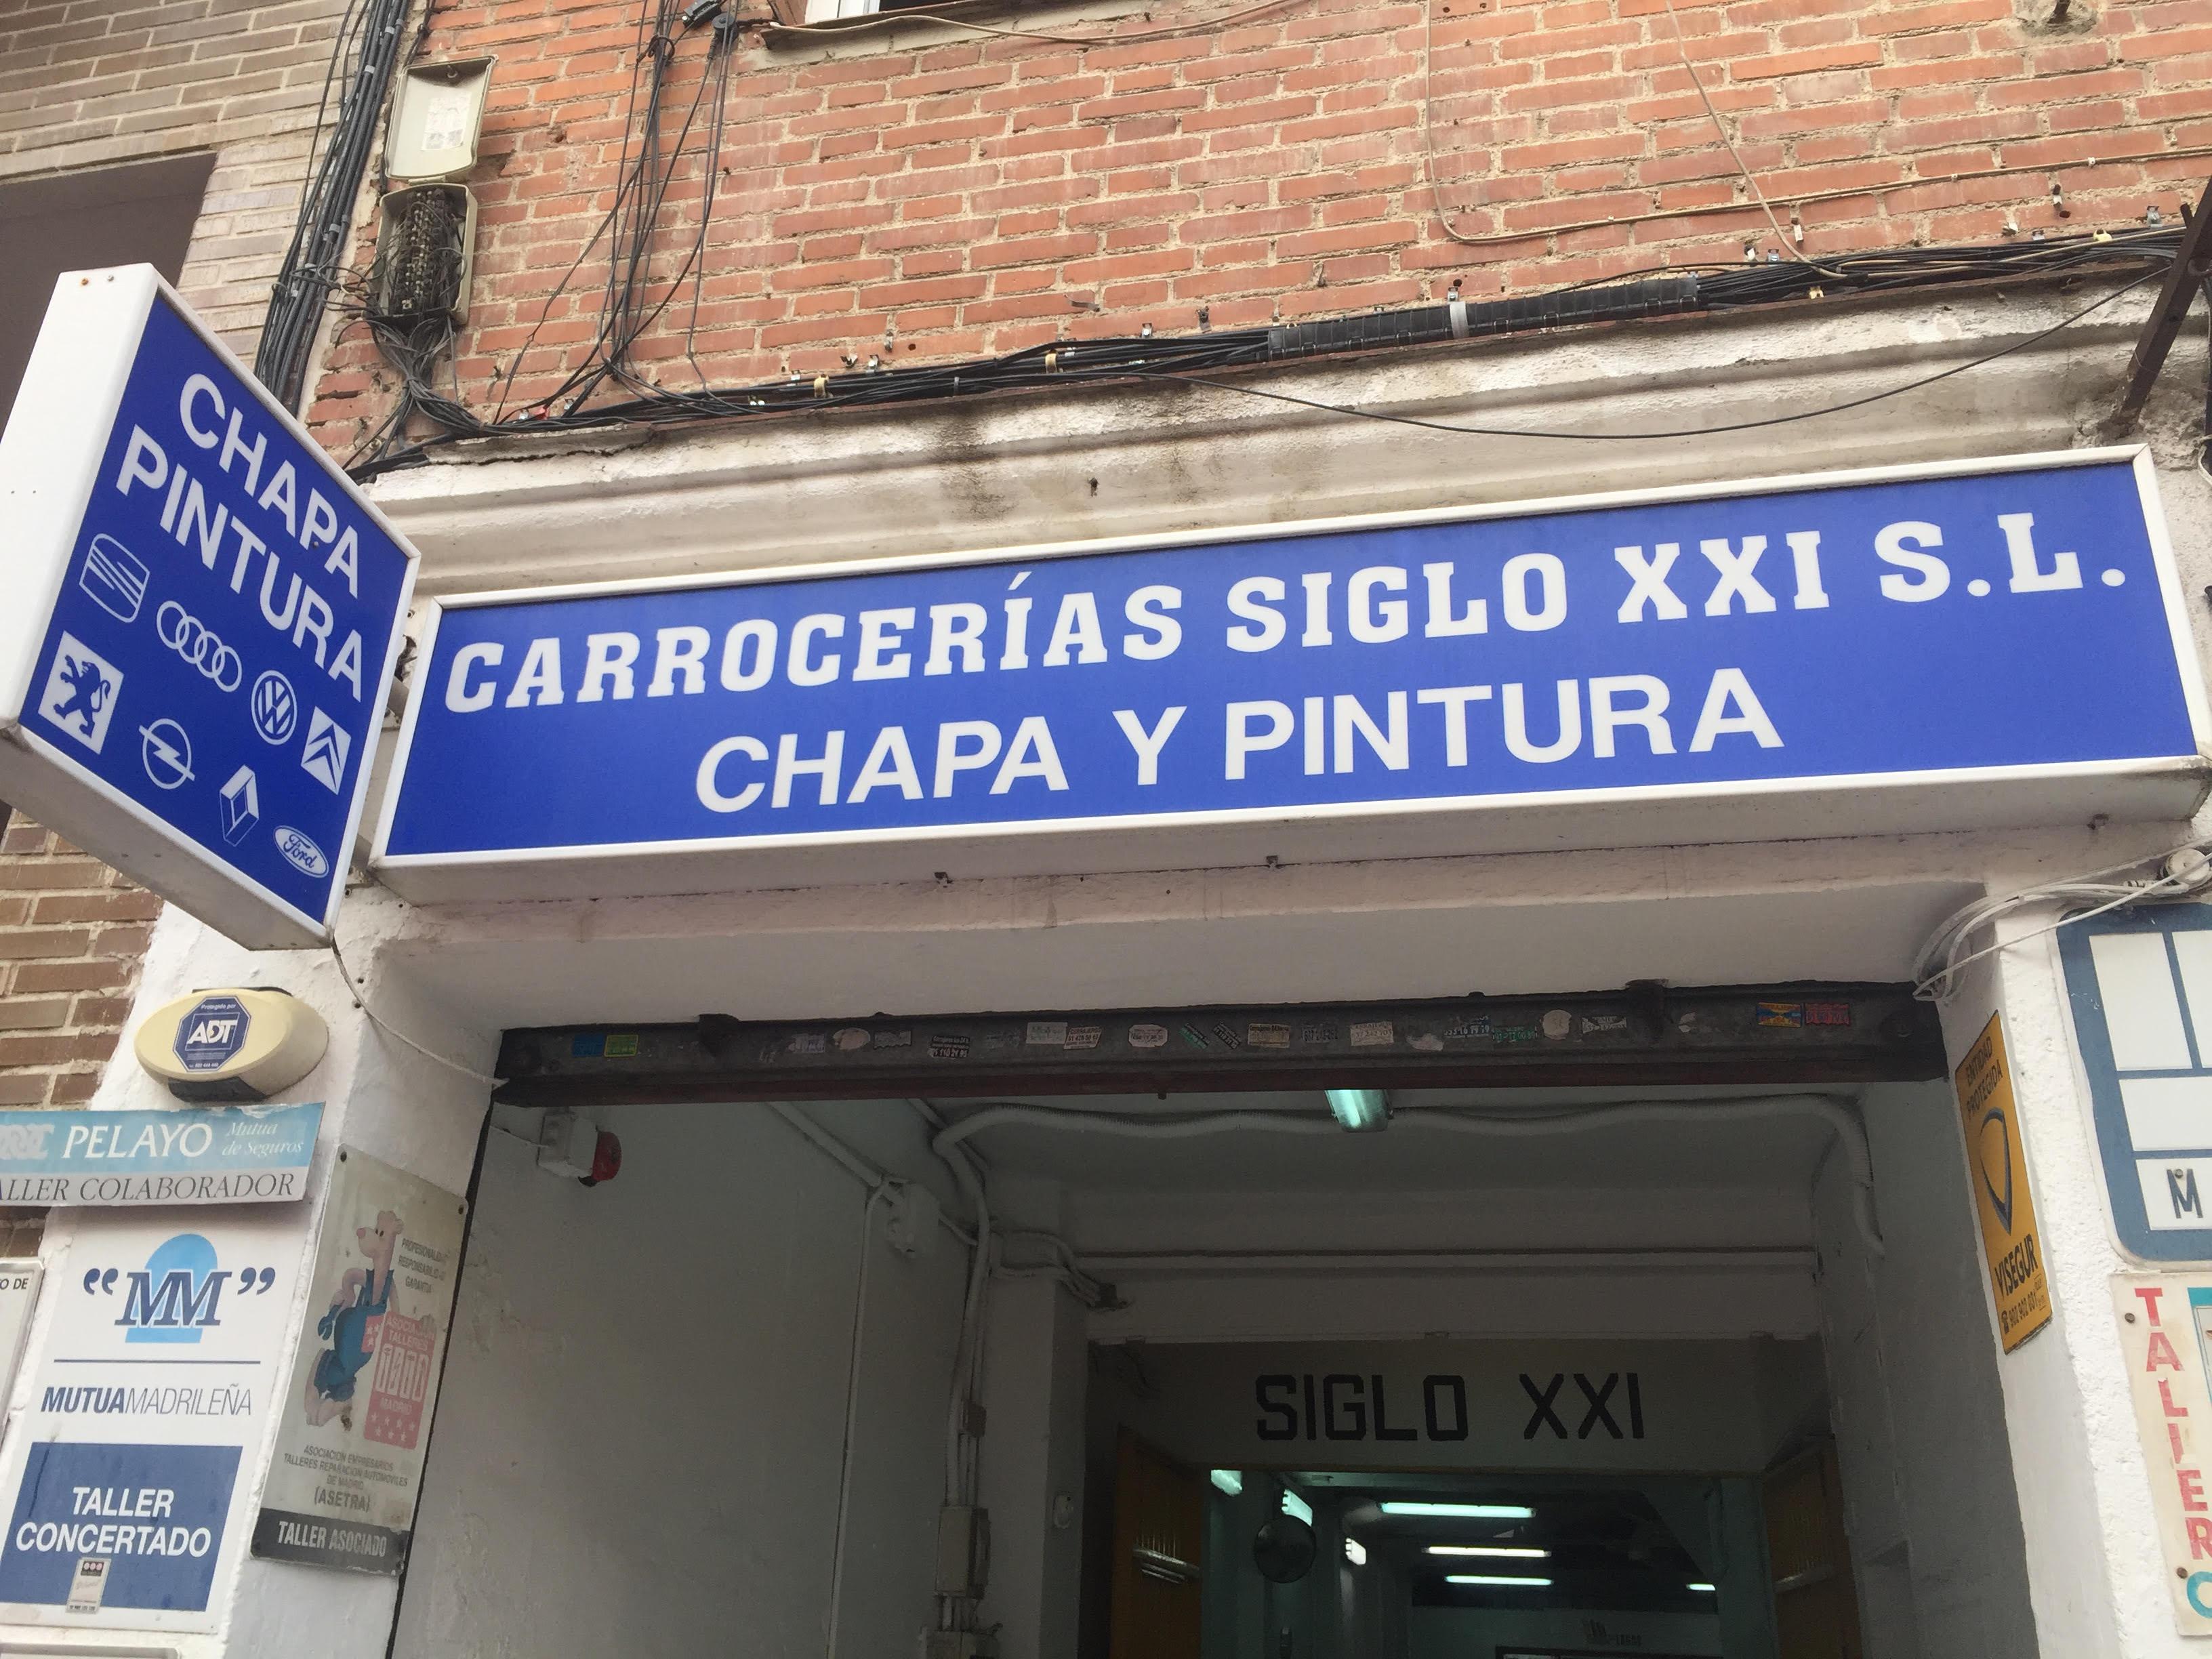 CARROCERÍAS SIGLO XXI